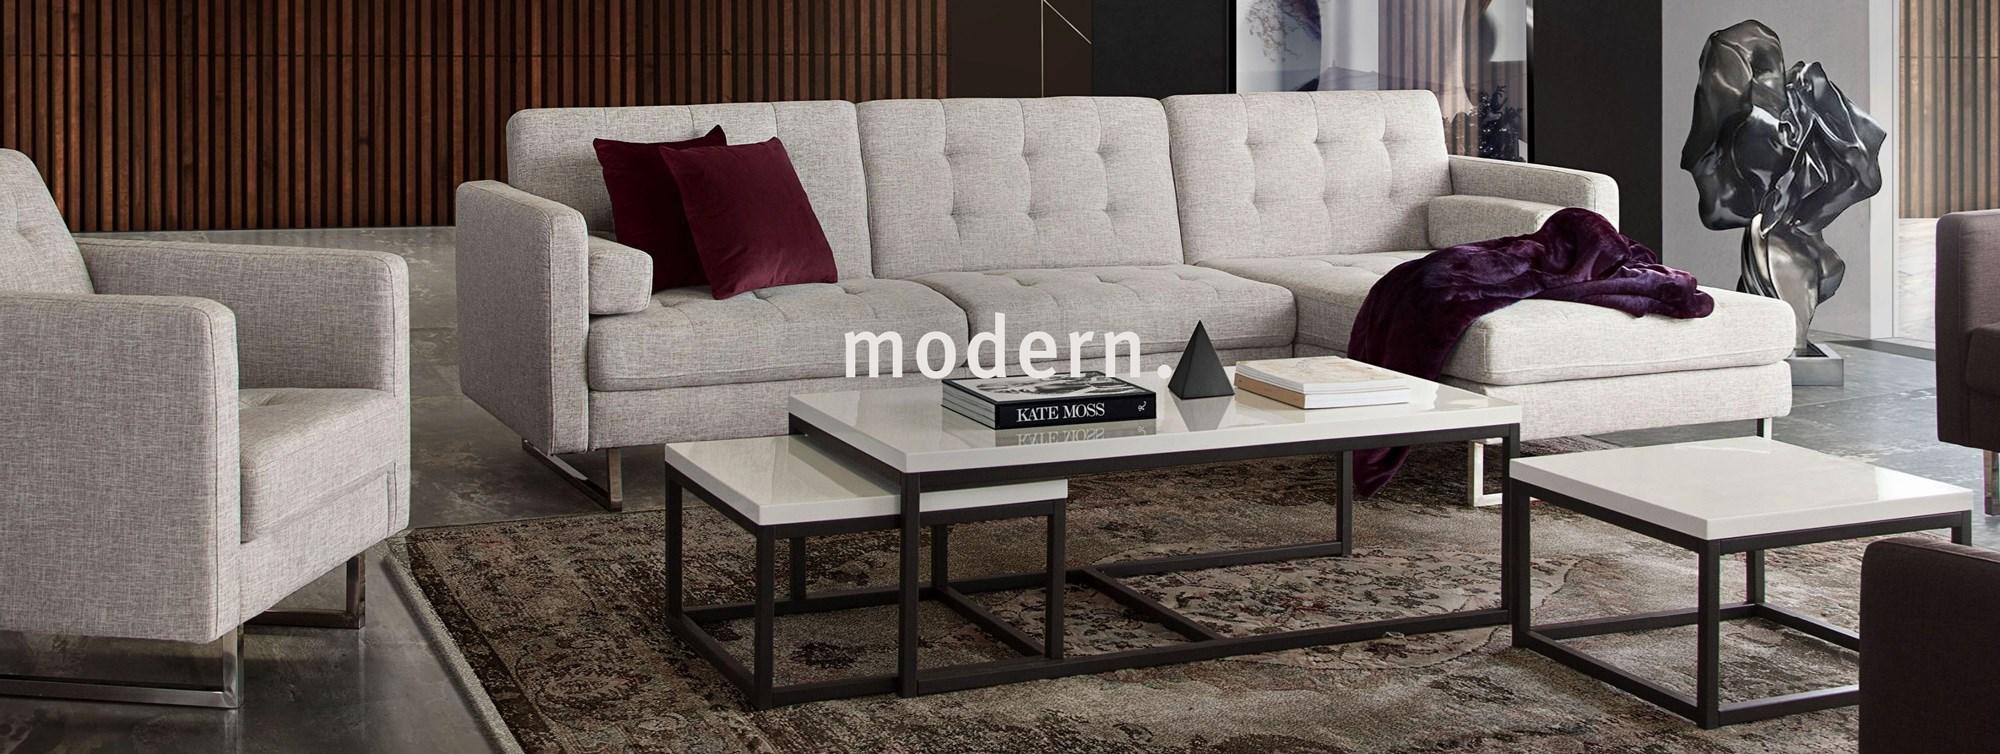 Shop Modern Furniture  Abode  Hawaii, Oahu, Big Island, Maui, Kauai